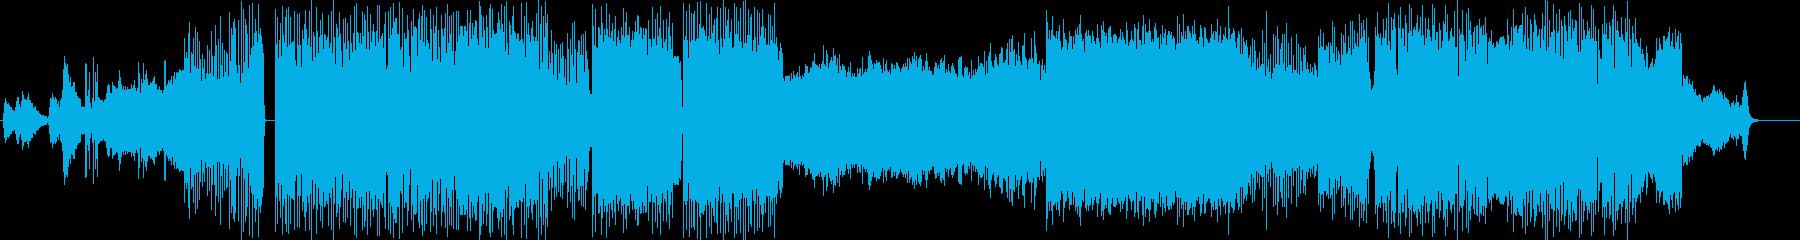 幻想的な音と怪しくもノリ良いビートの曲の再生済みの波形